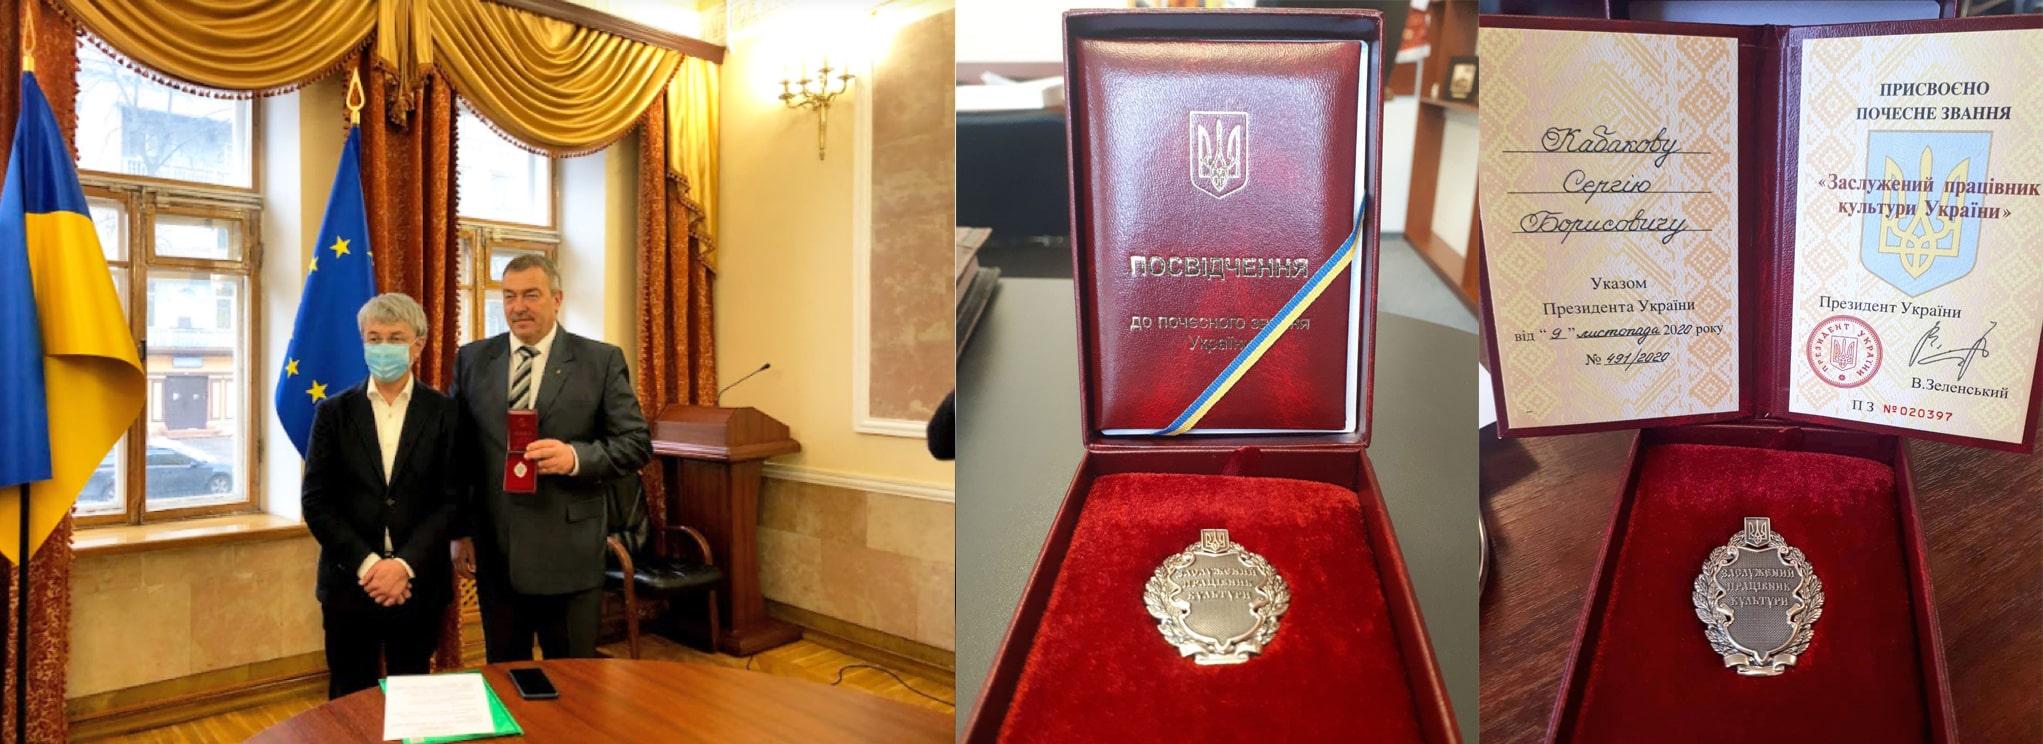 Вітаємо Кабакова Серггія Борисовича з отриманням звання